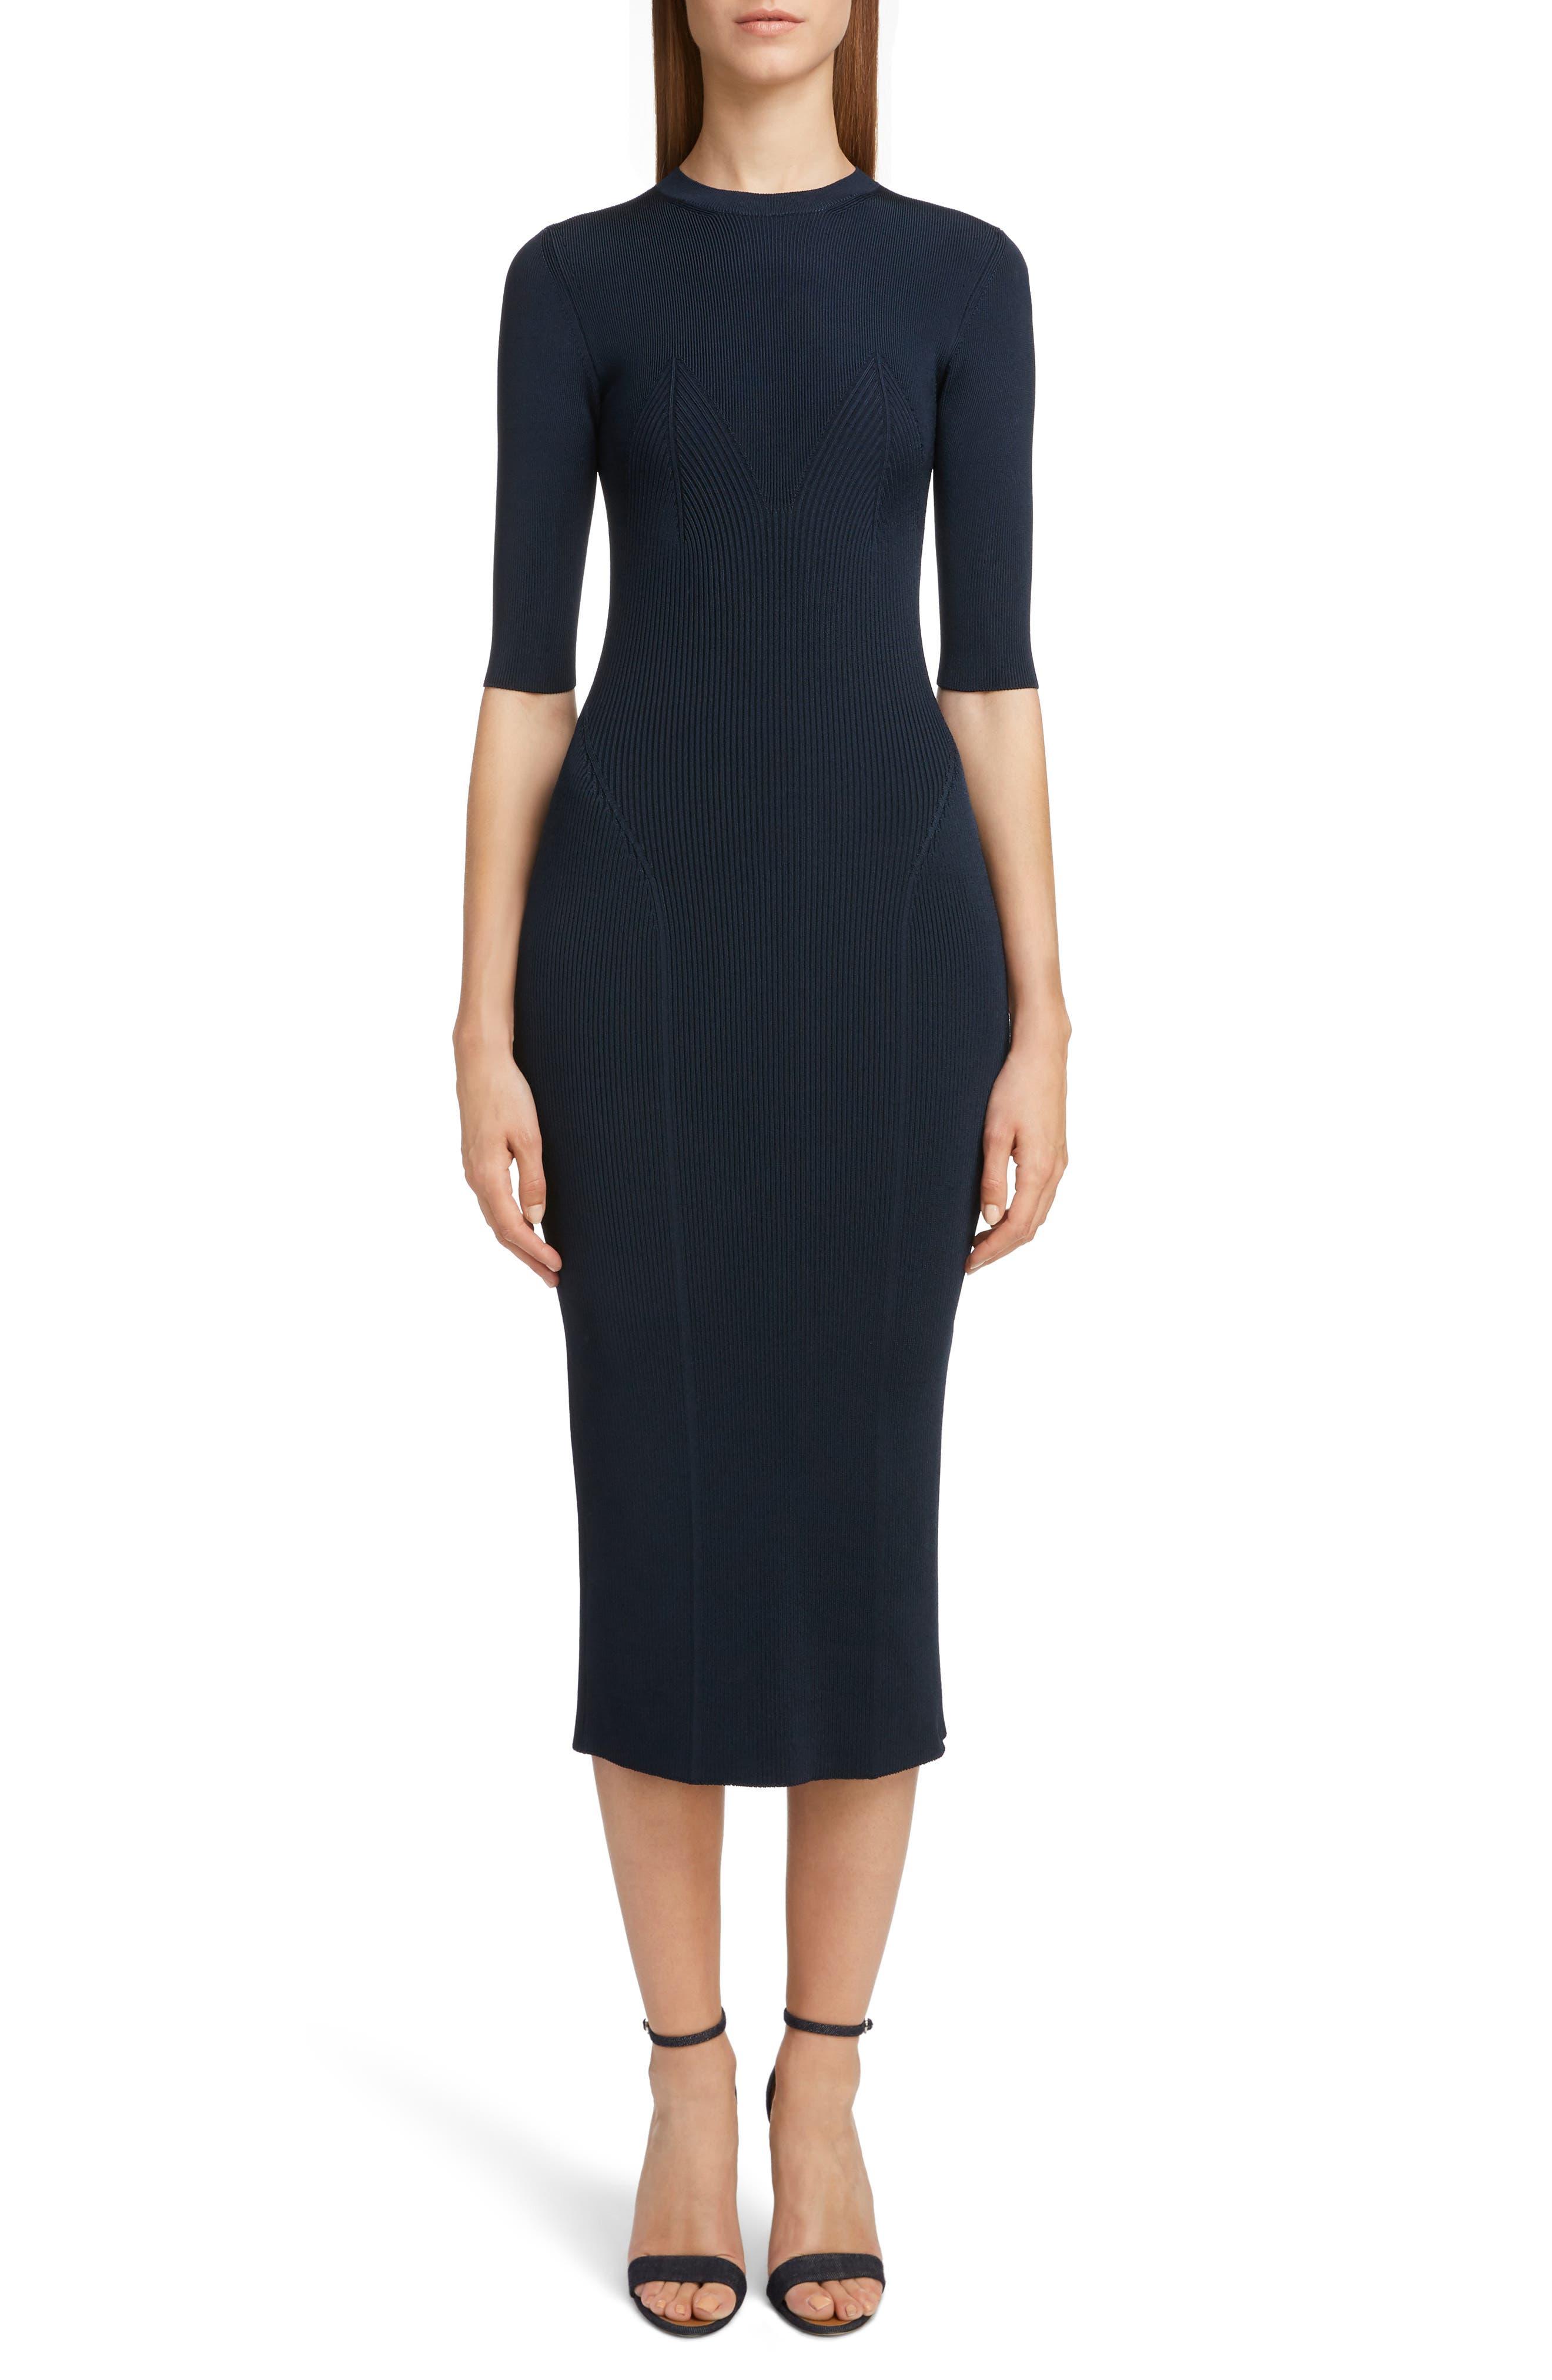 VICTORIA BECKHAM, Rib Knit Dress, Main thumbnail 1, color, NAVY